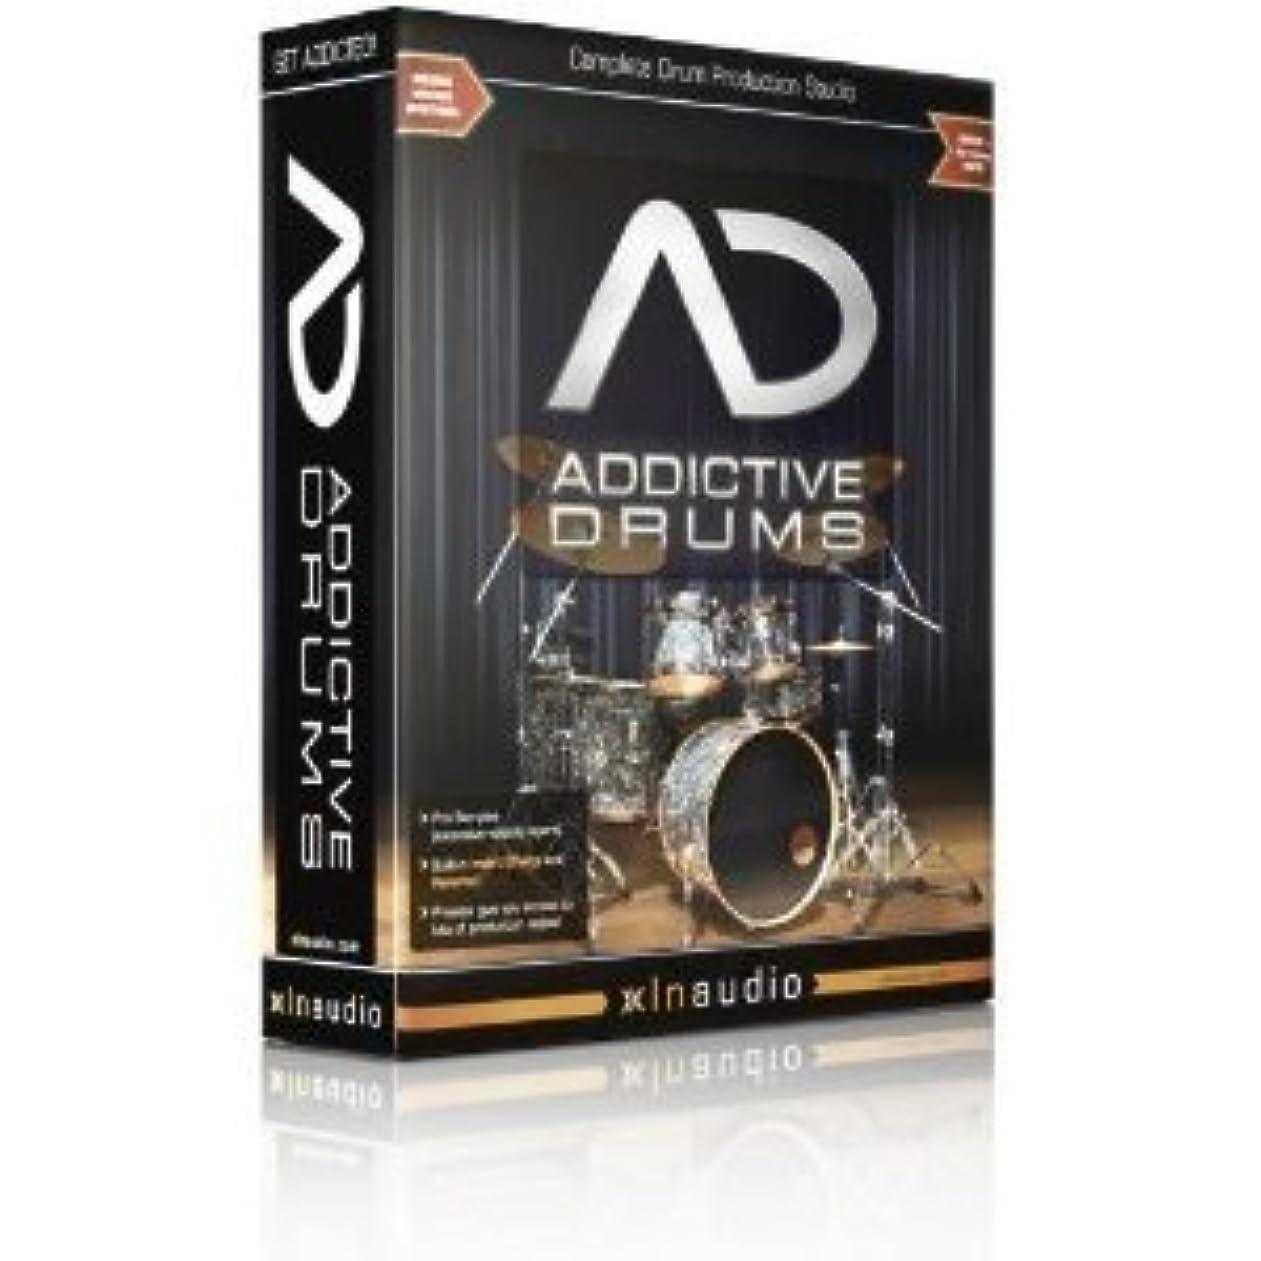 発疹木製コークス◆最新版◆ XLN Audio Addictive Drums 1.5 ドラム音源◆『並行輸入品』◆